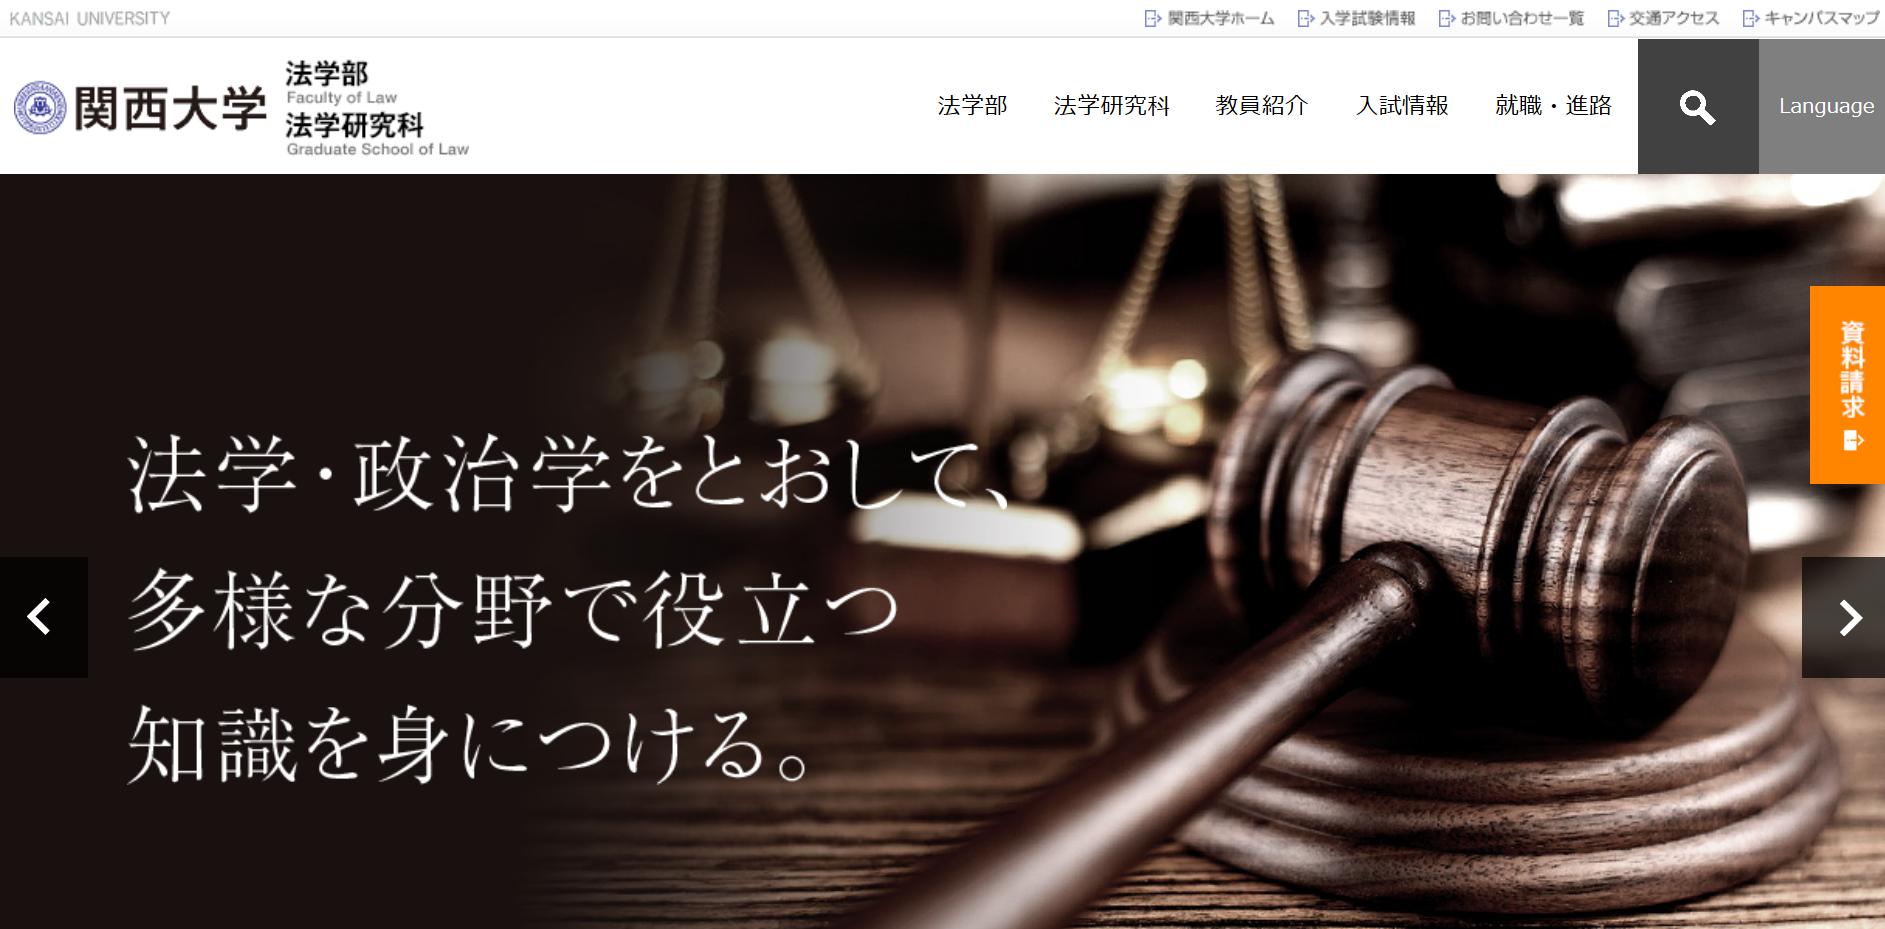 関西大学の評判・口コミ【法学部編】